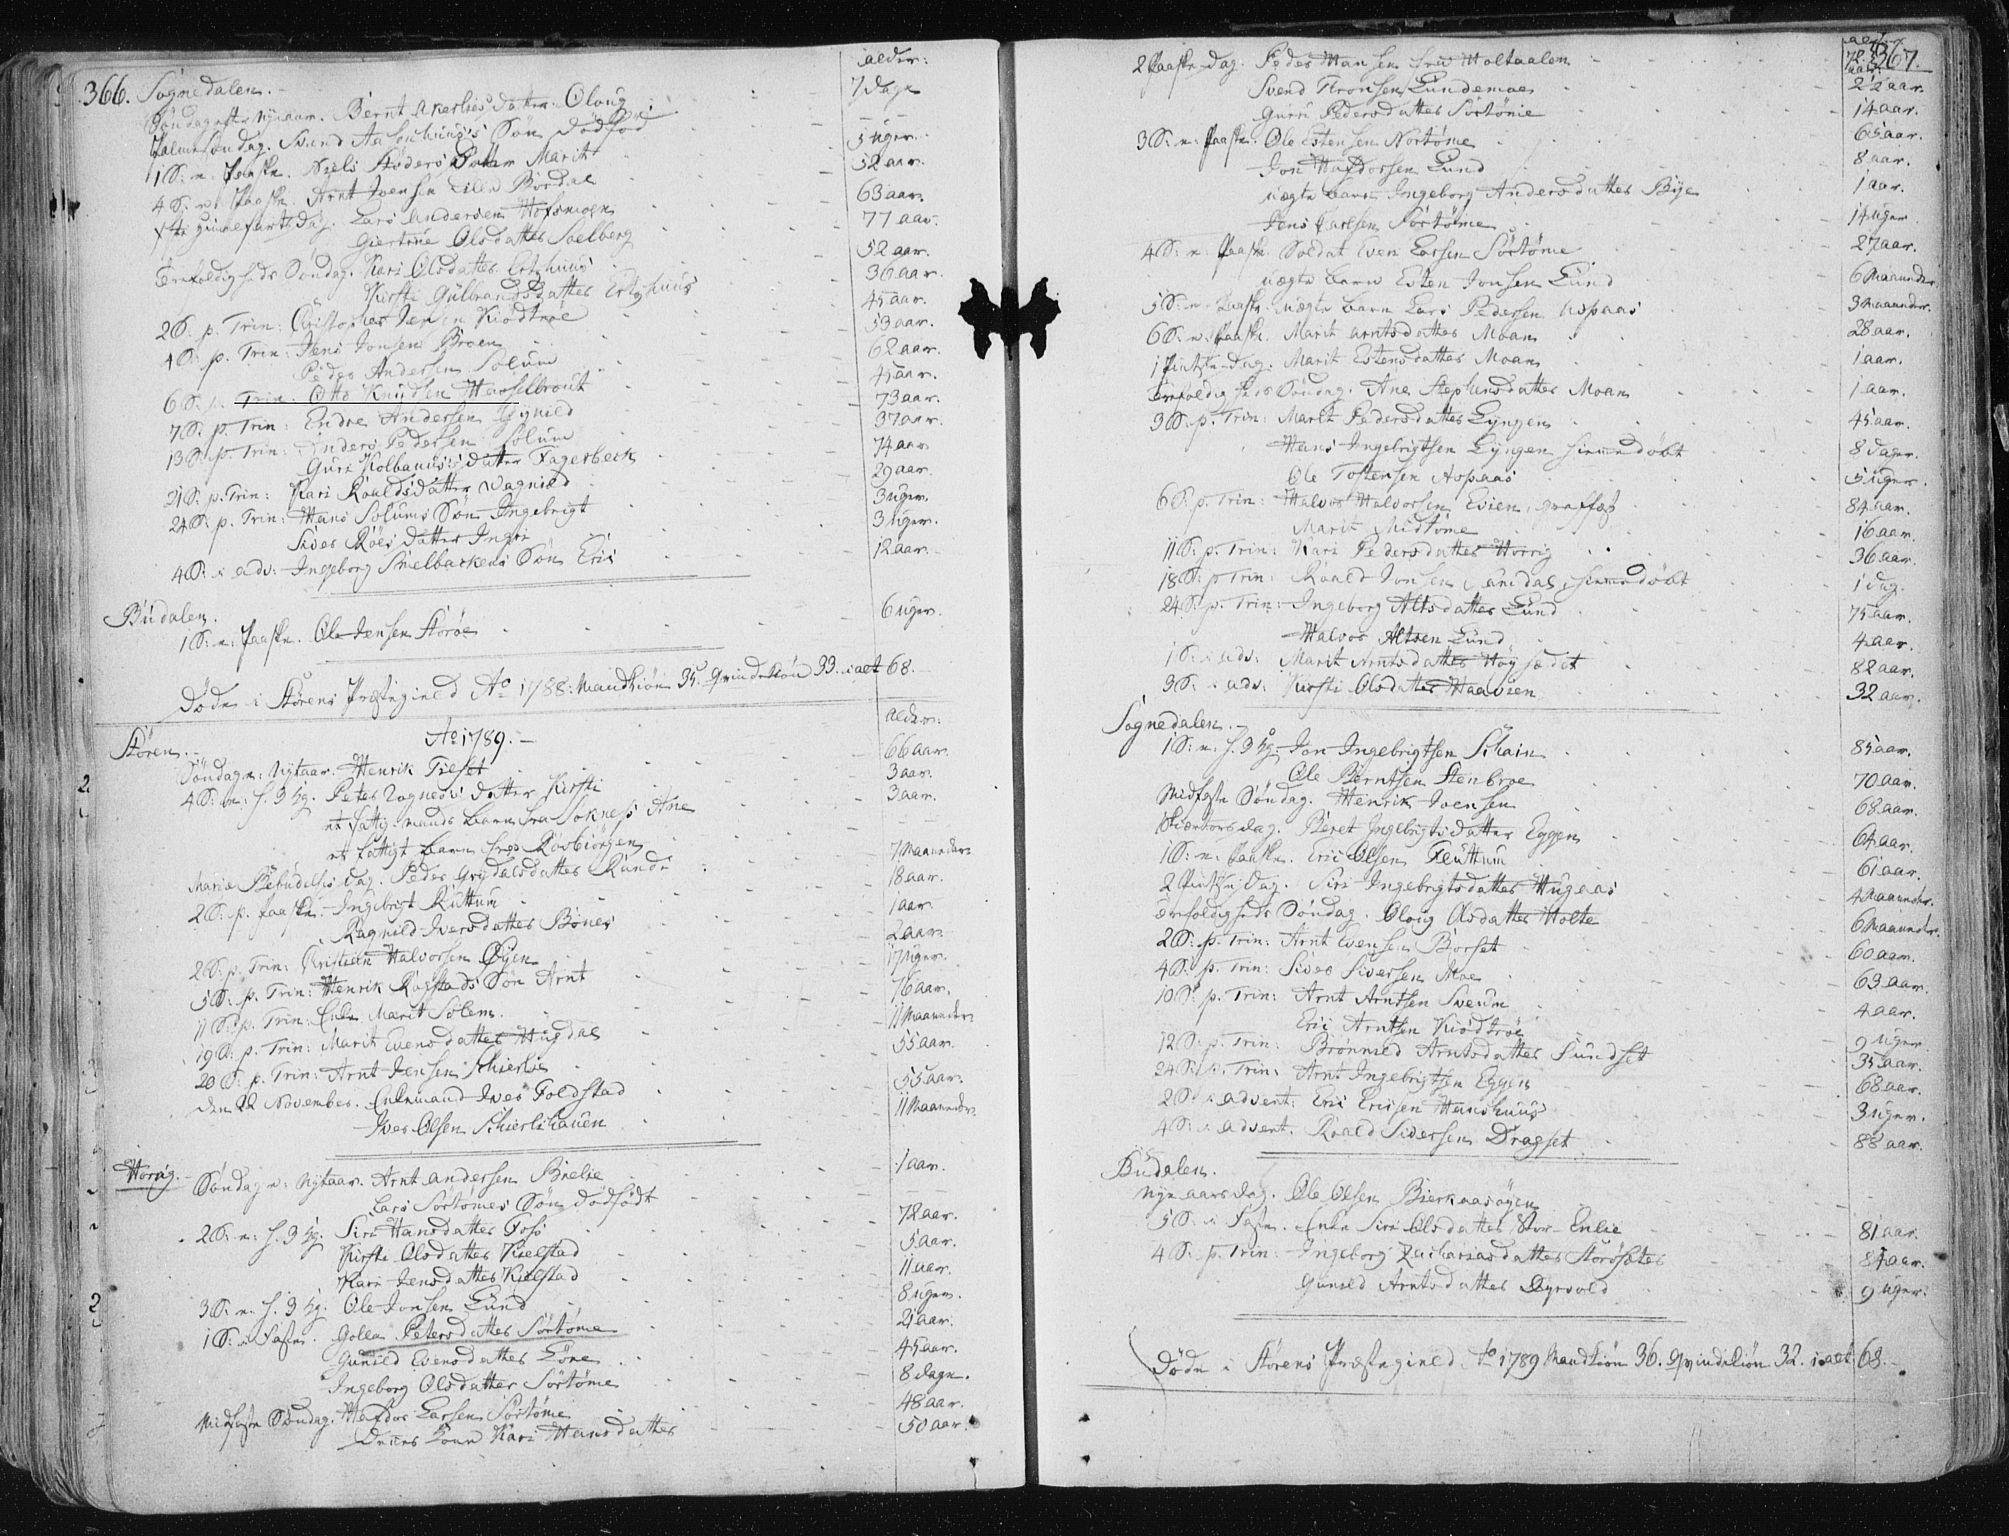 SAT, Ministerialprotokoller, klokkerbøker og fødselsregistre - Sør-Trøndelag, 687/L0992: Ministerialbok nr. 687A03 /1, 1788-1815, s. 366-367